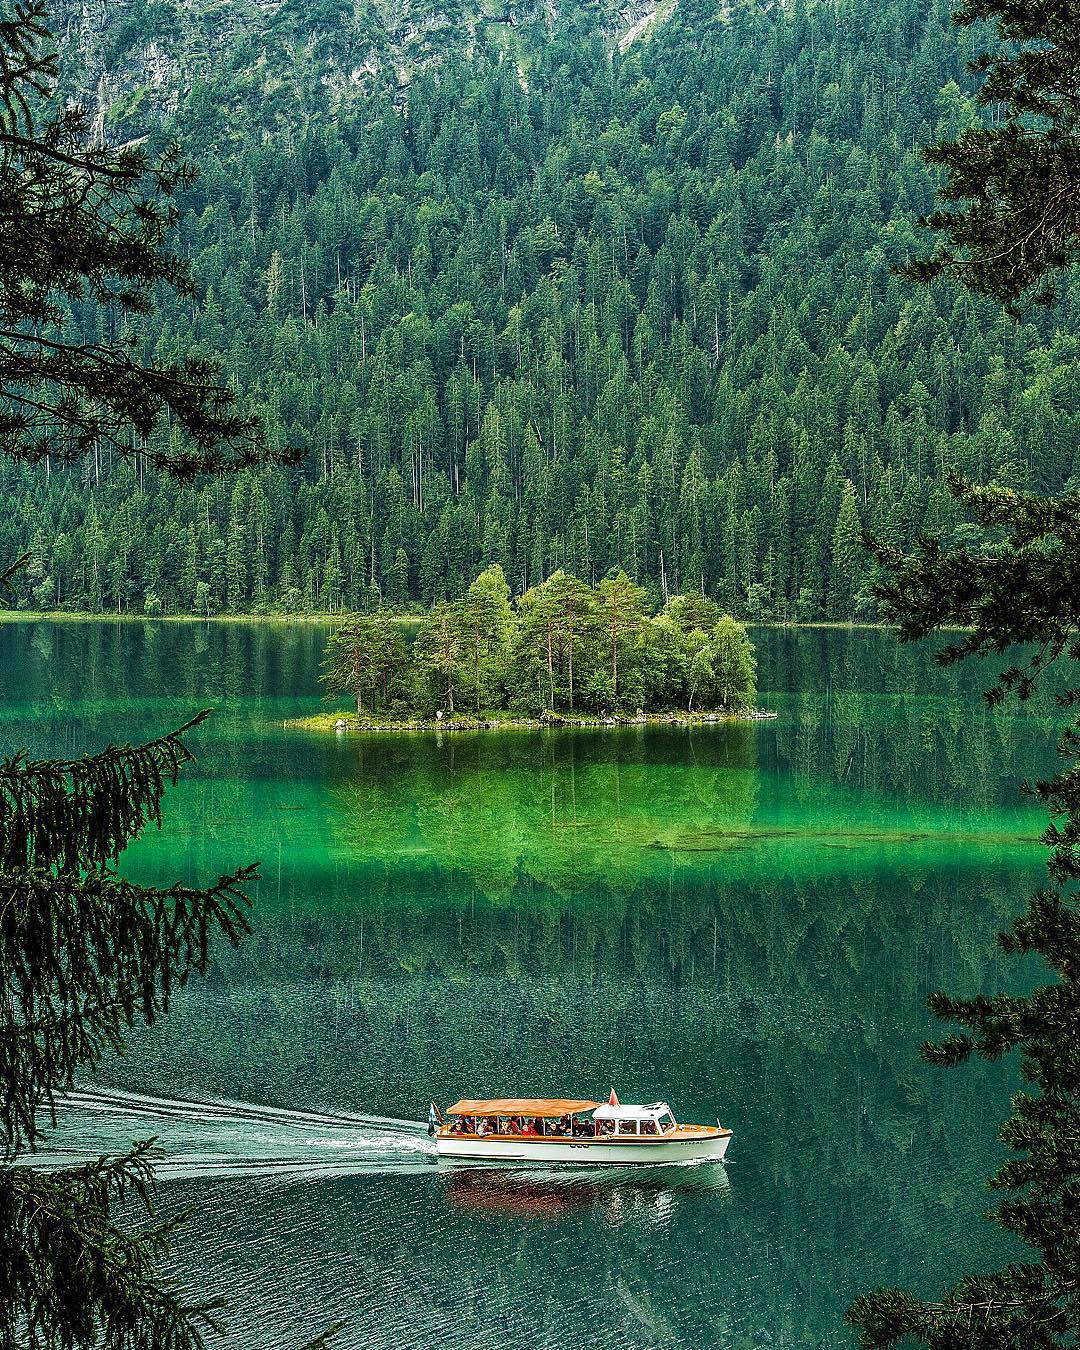 viaje alrededor del mundo con fotografías de paisajes surreales Jacob Riglin 005